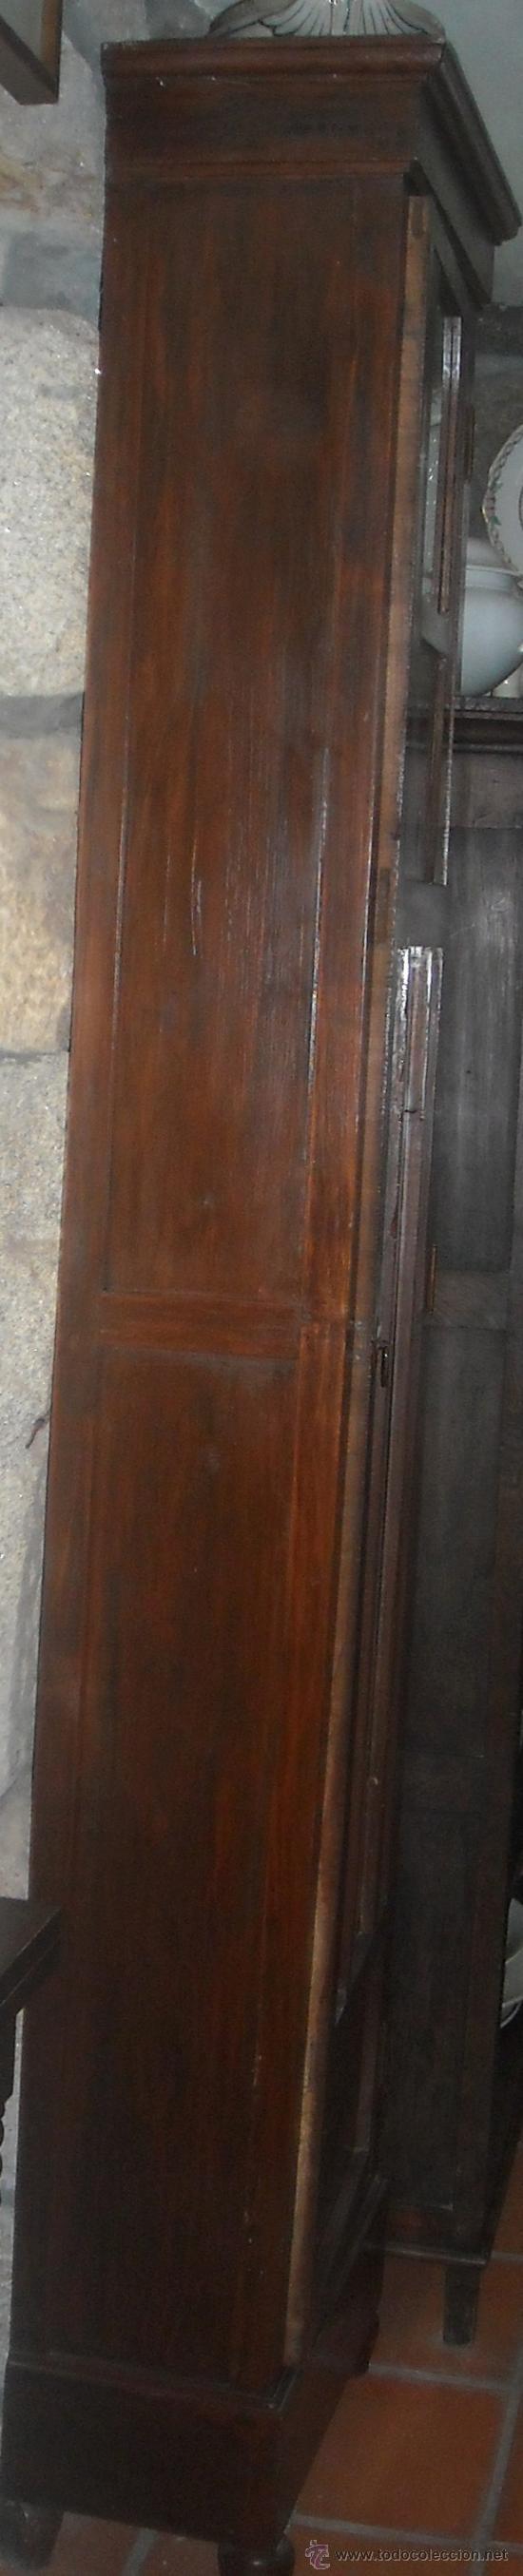 Relojes de pie: CAJA ANTIGUA RELOJ PIE MADERA CASTAÑO - Foto 3 - 27435939